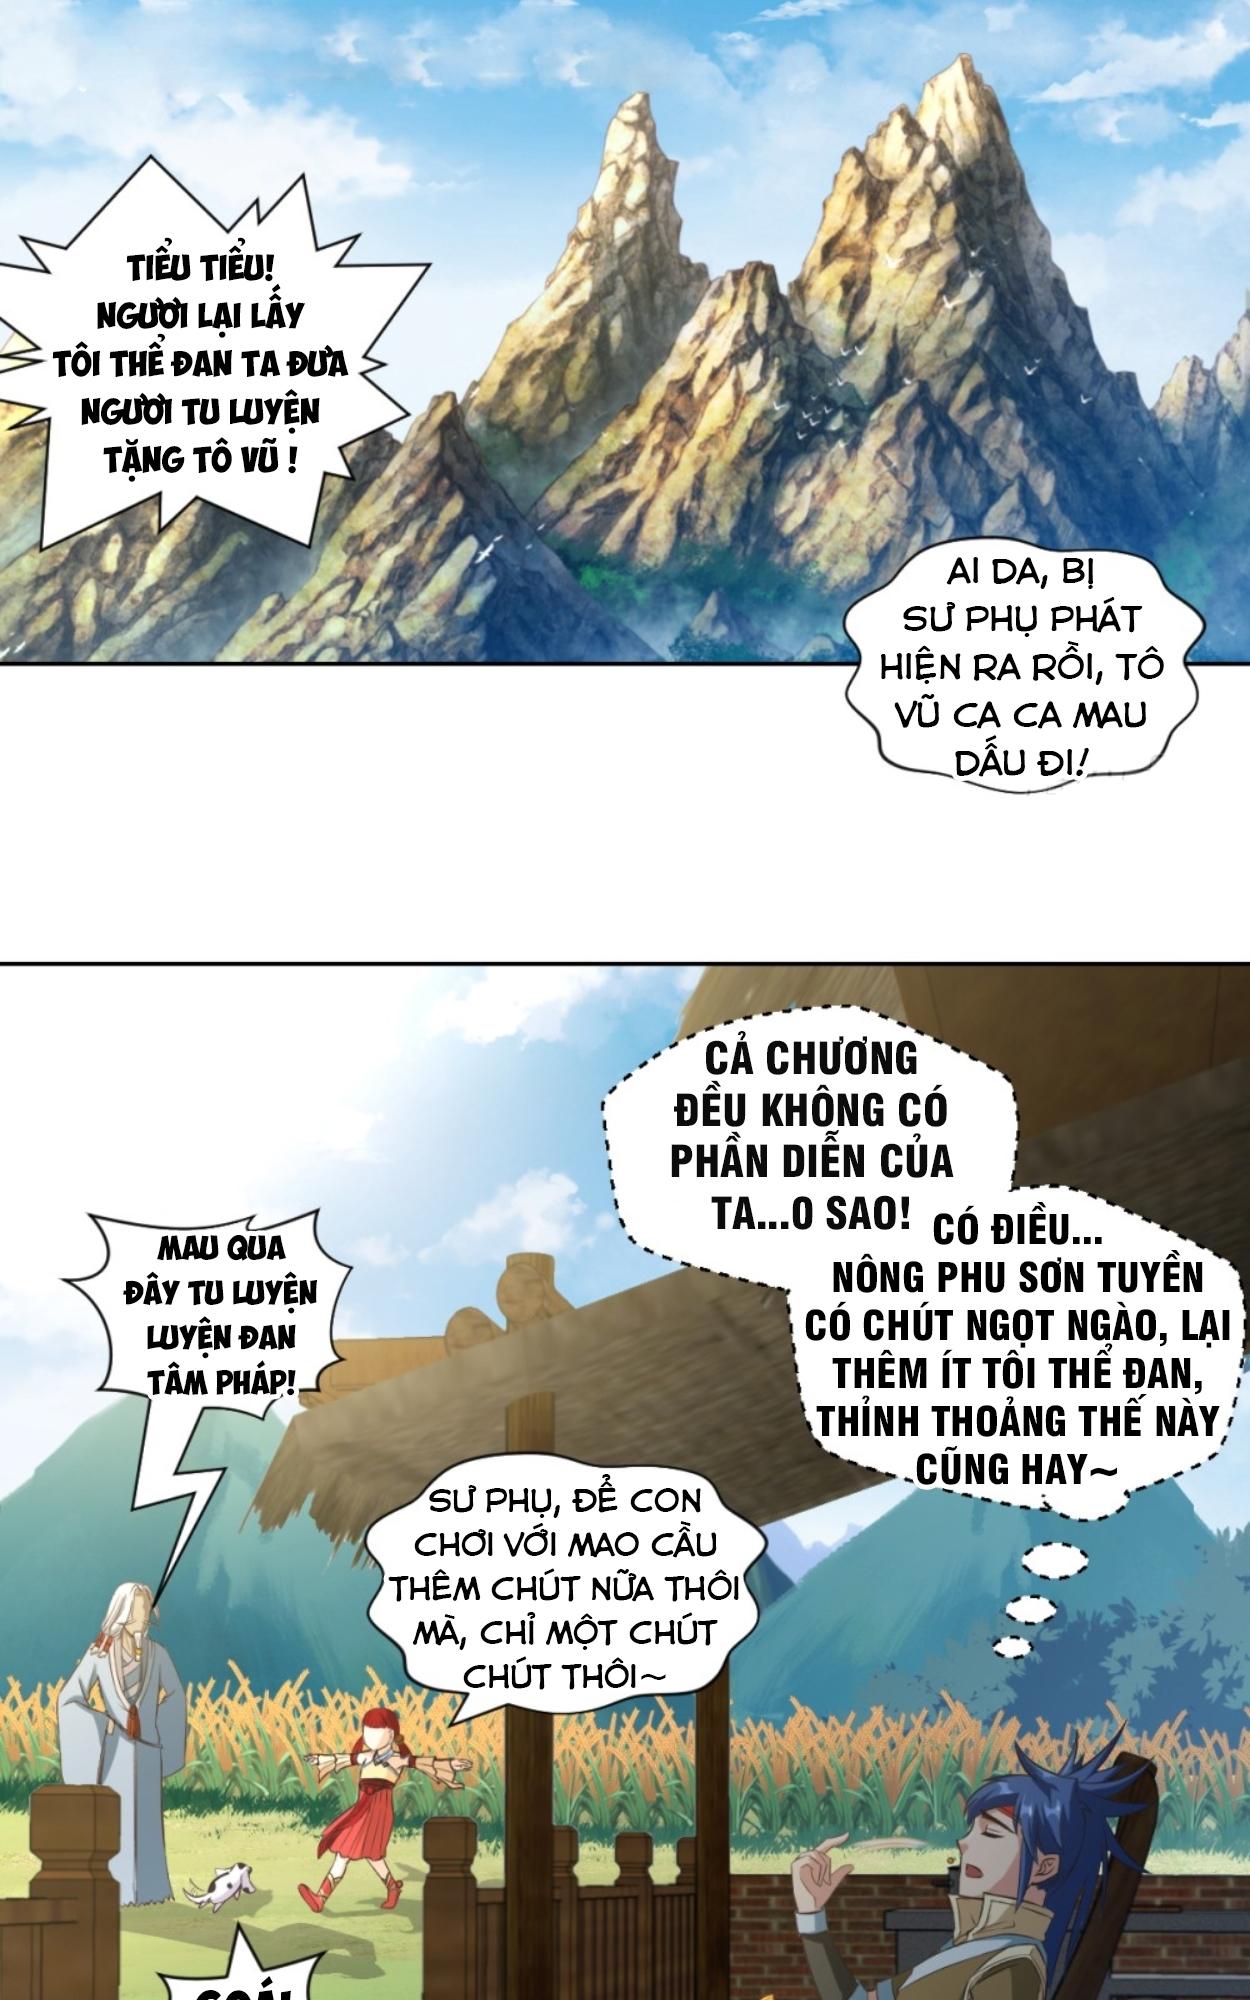 Chiếm Cái Đỉnh Núi Làm Đại Vương chap 16 - Trang 31